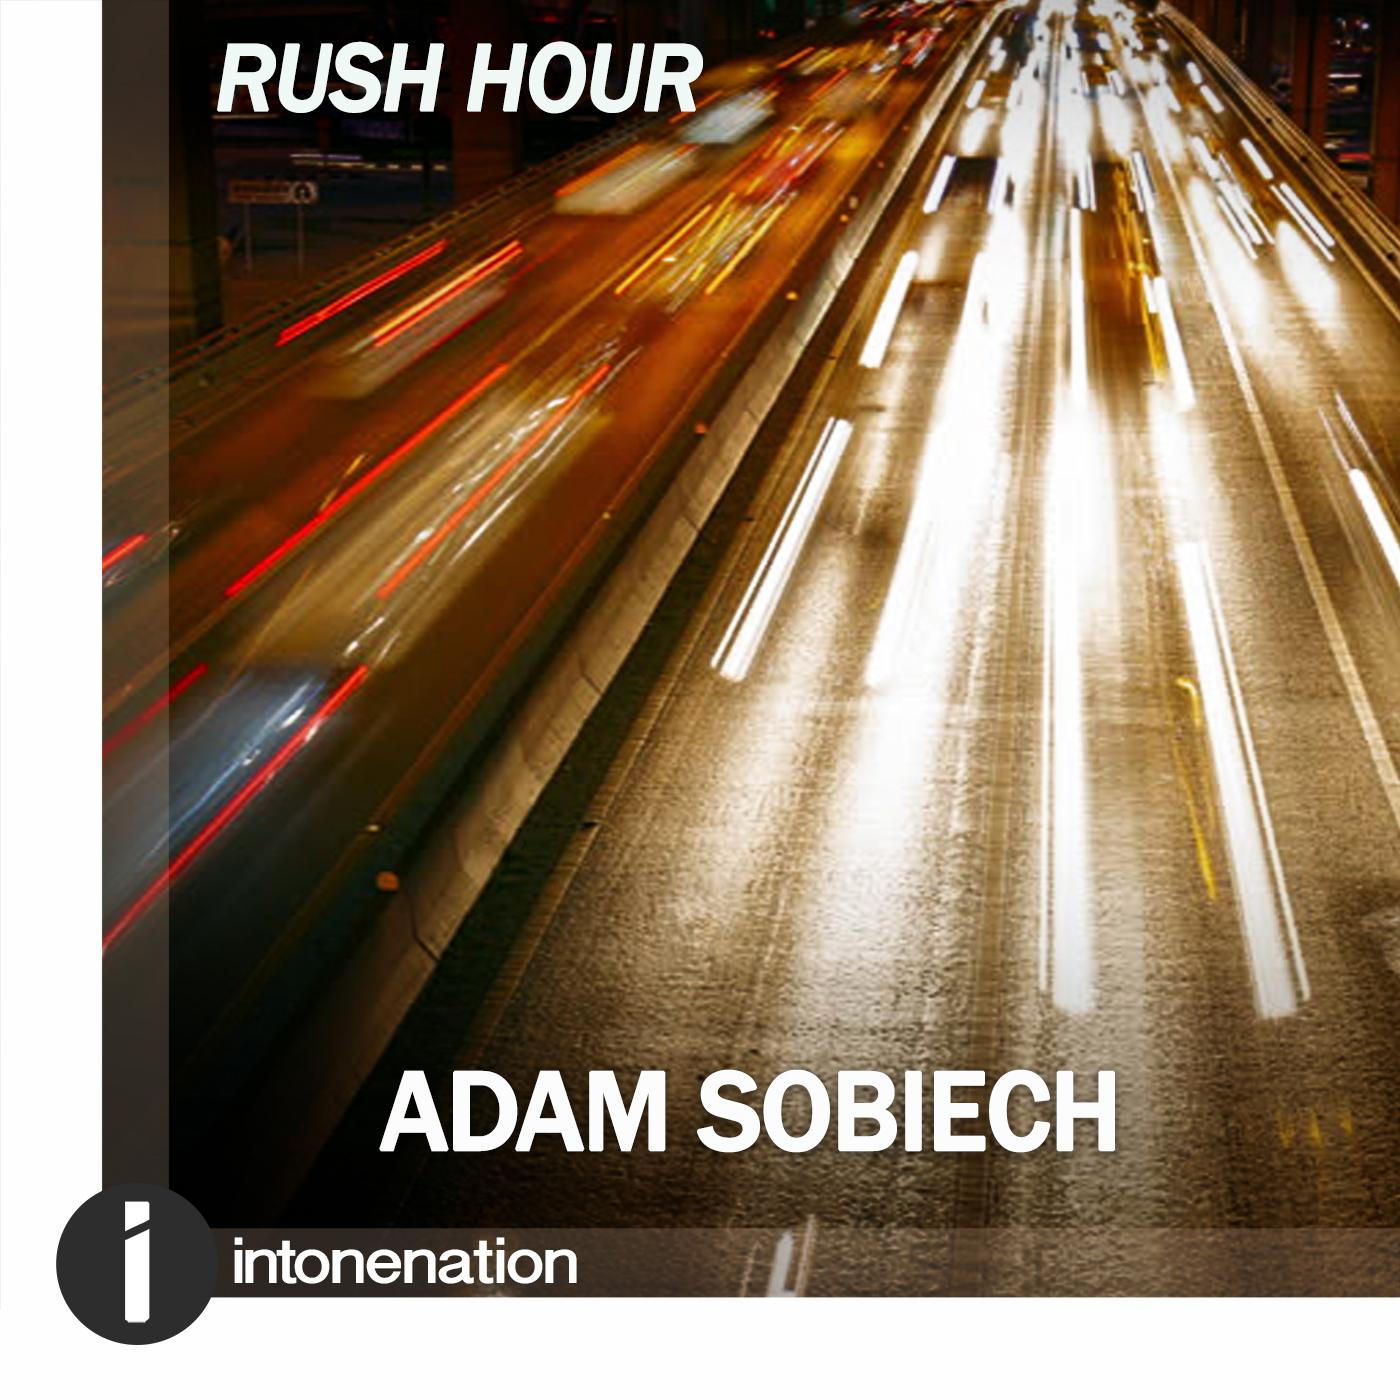 Sobiech_RSHHR_coverart_FNL_1.4X1.4.jpg